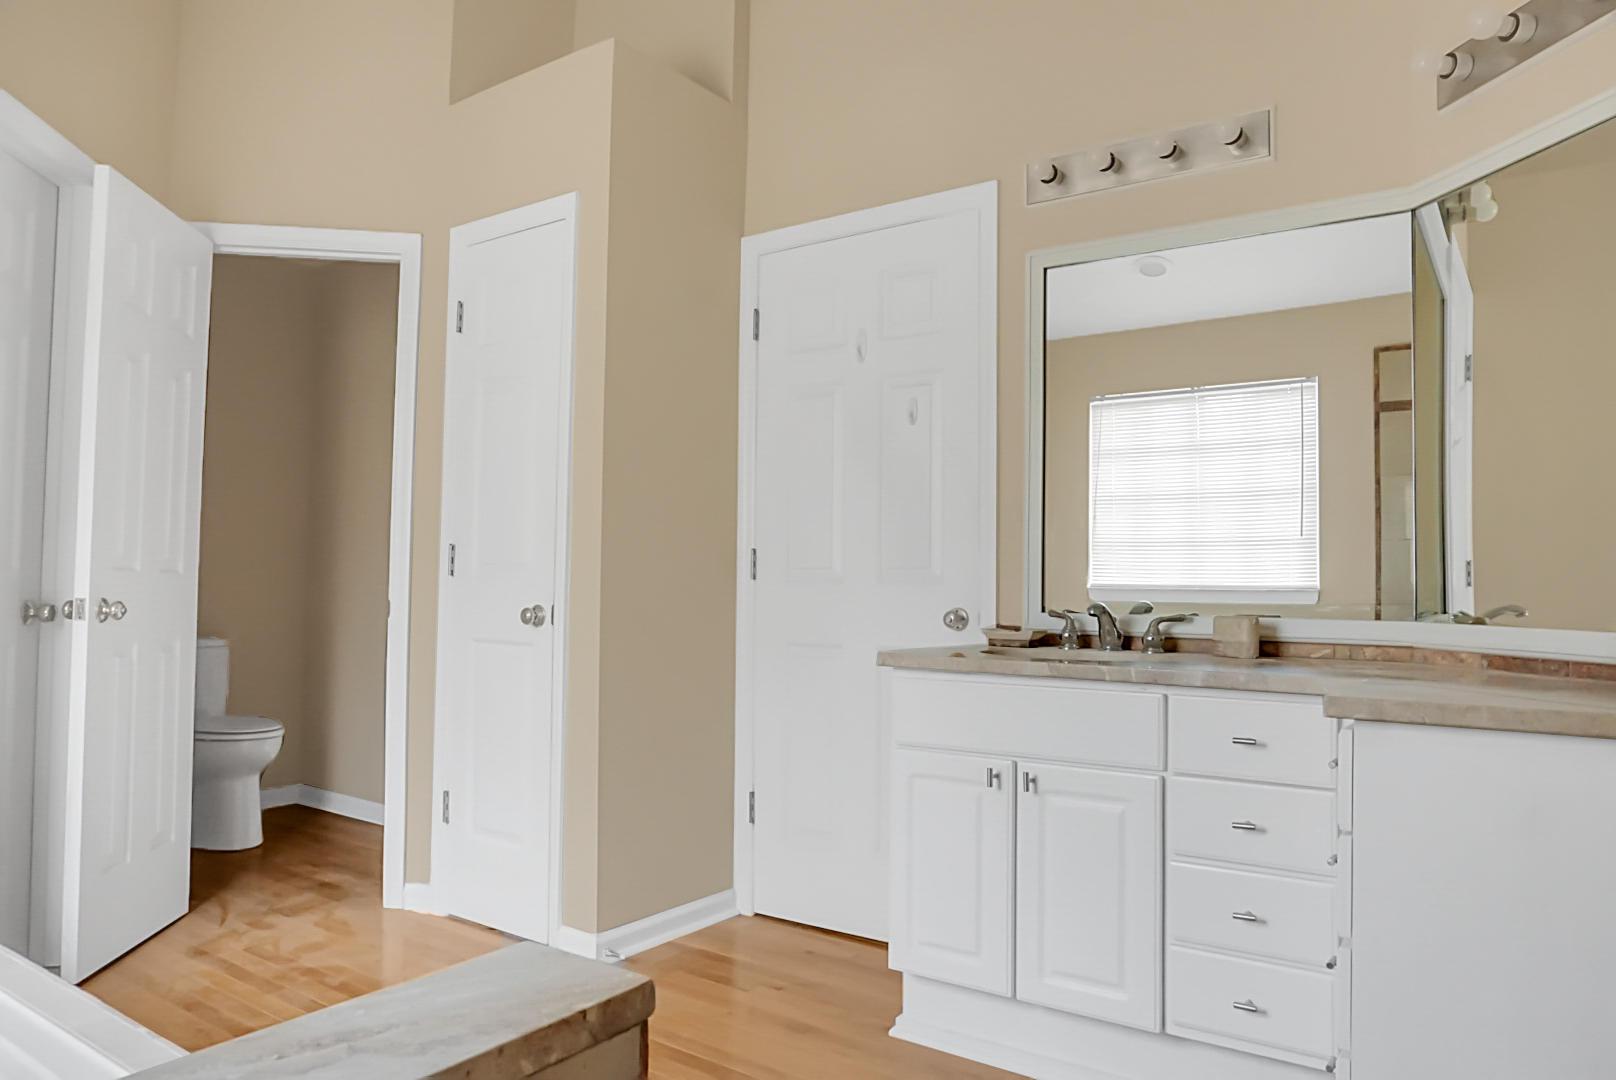 Dunes West Homes For Sale - 3209 Carmel Bay, Mount Pleasant, SC - 6